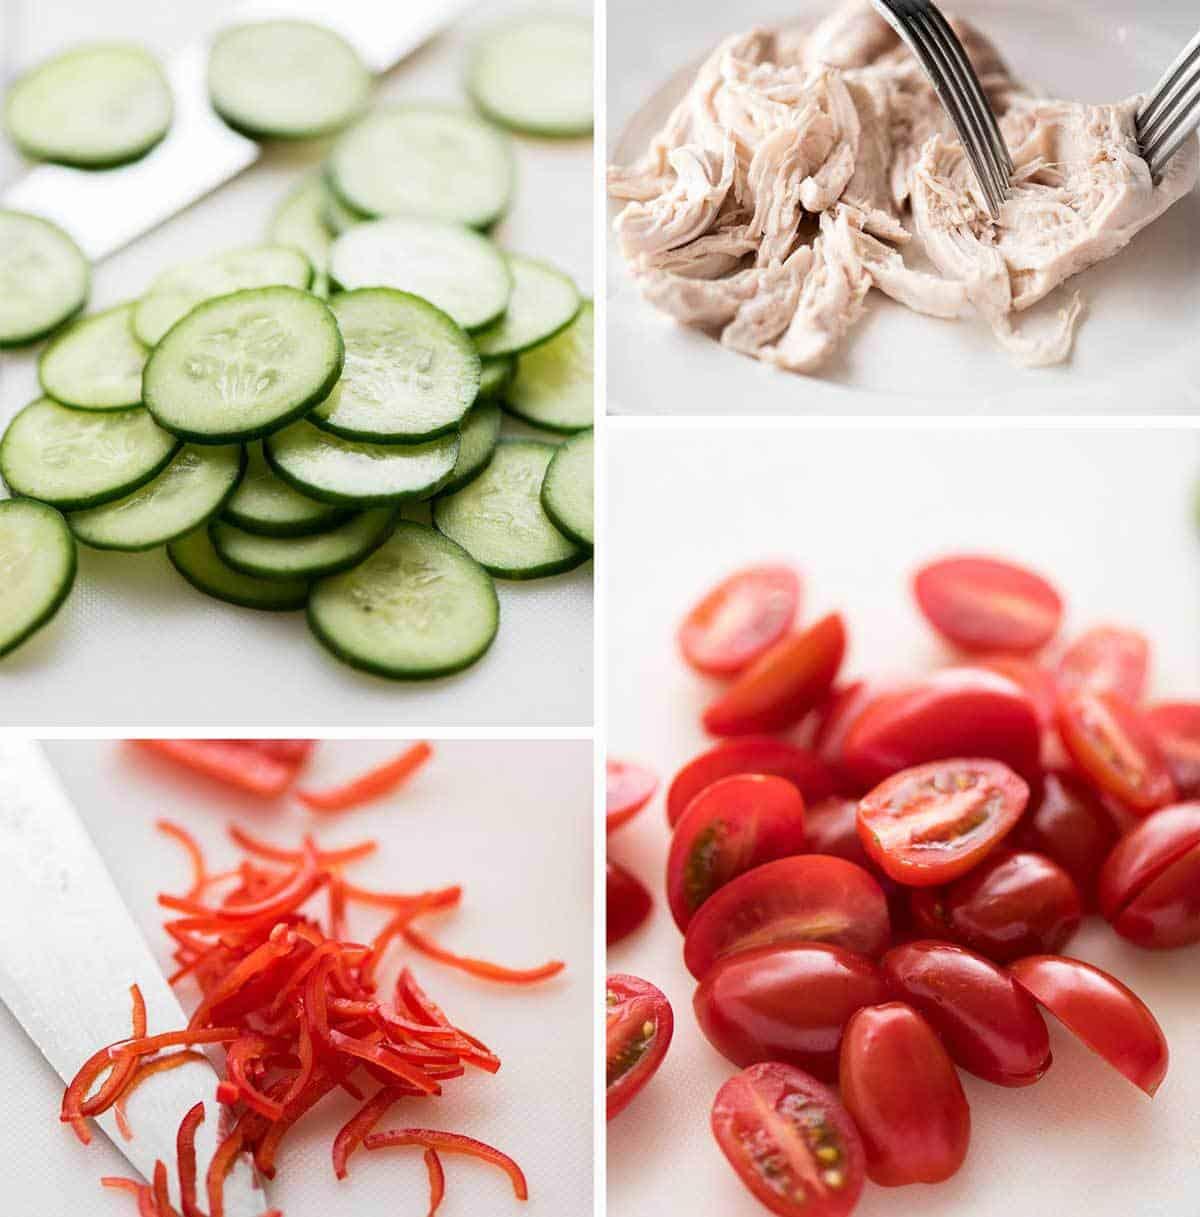 Thai Chicken Salad ingredients